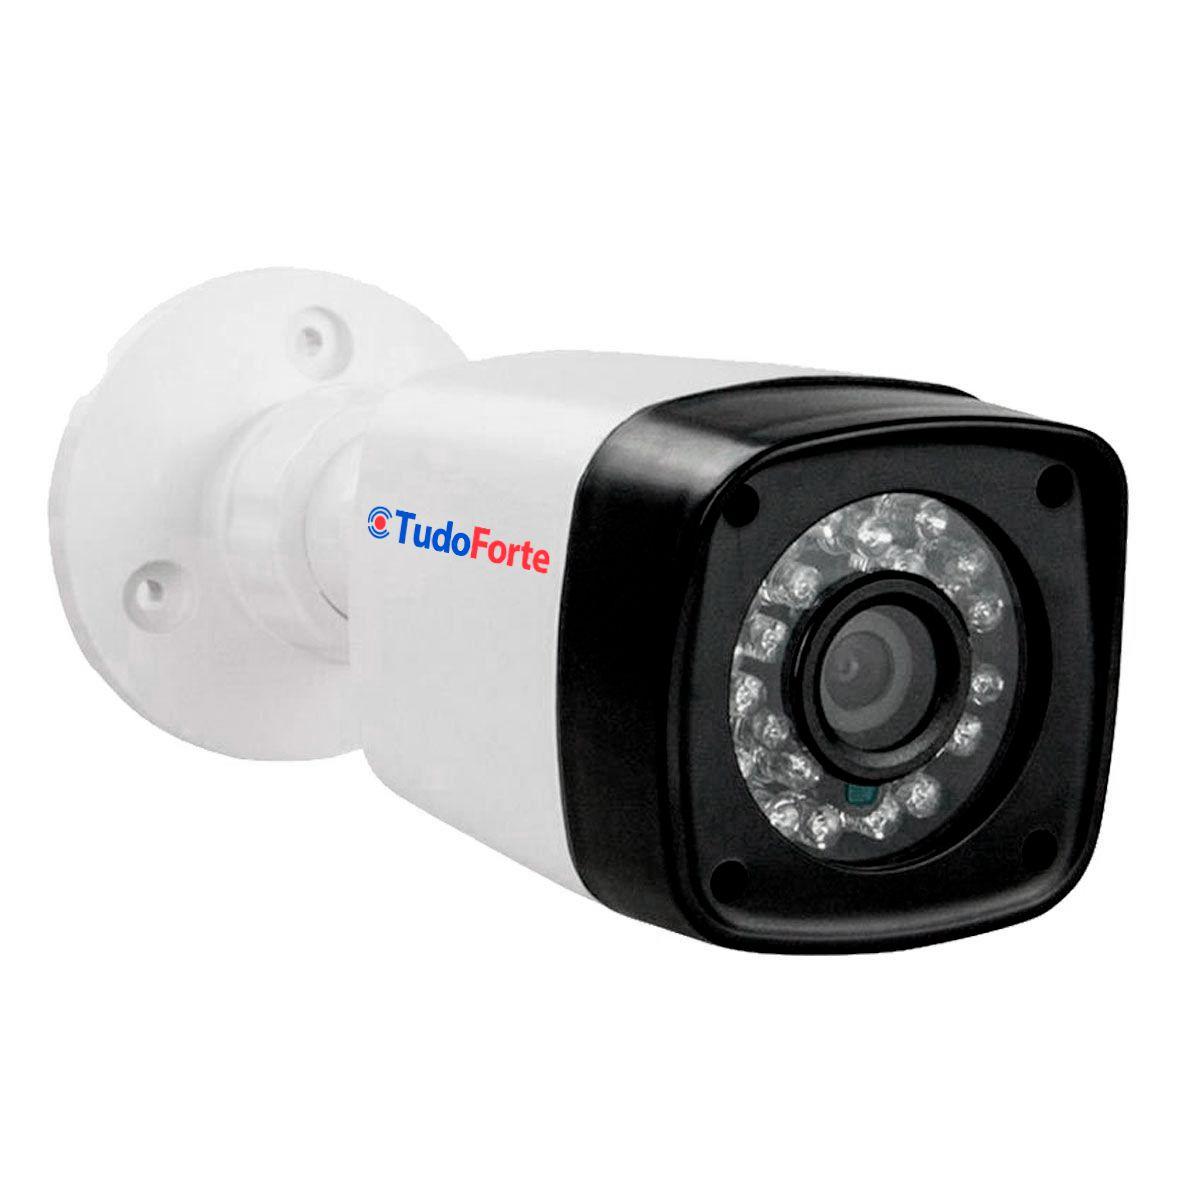 Kit 4 Câmeras + DVR Intelbras + HD 1 TB + App de Monitoramento, Câmeras HD 720p 20m Infravermelho de Visão Noturna + Fonte, Cabos e Acessórios  - Tudo Forte